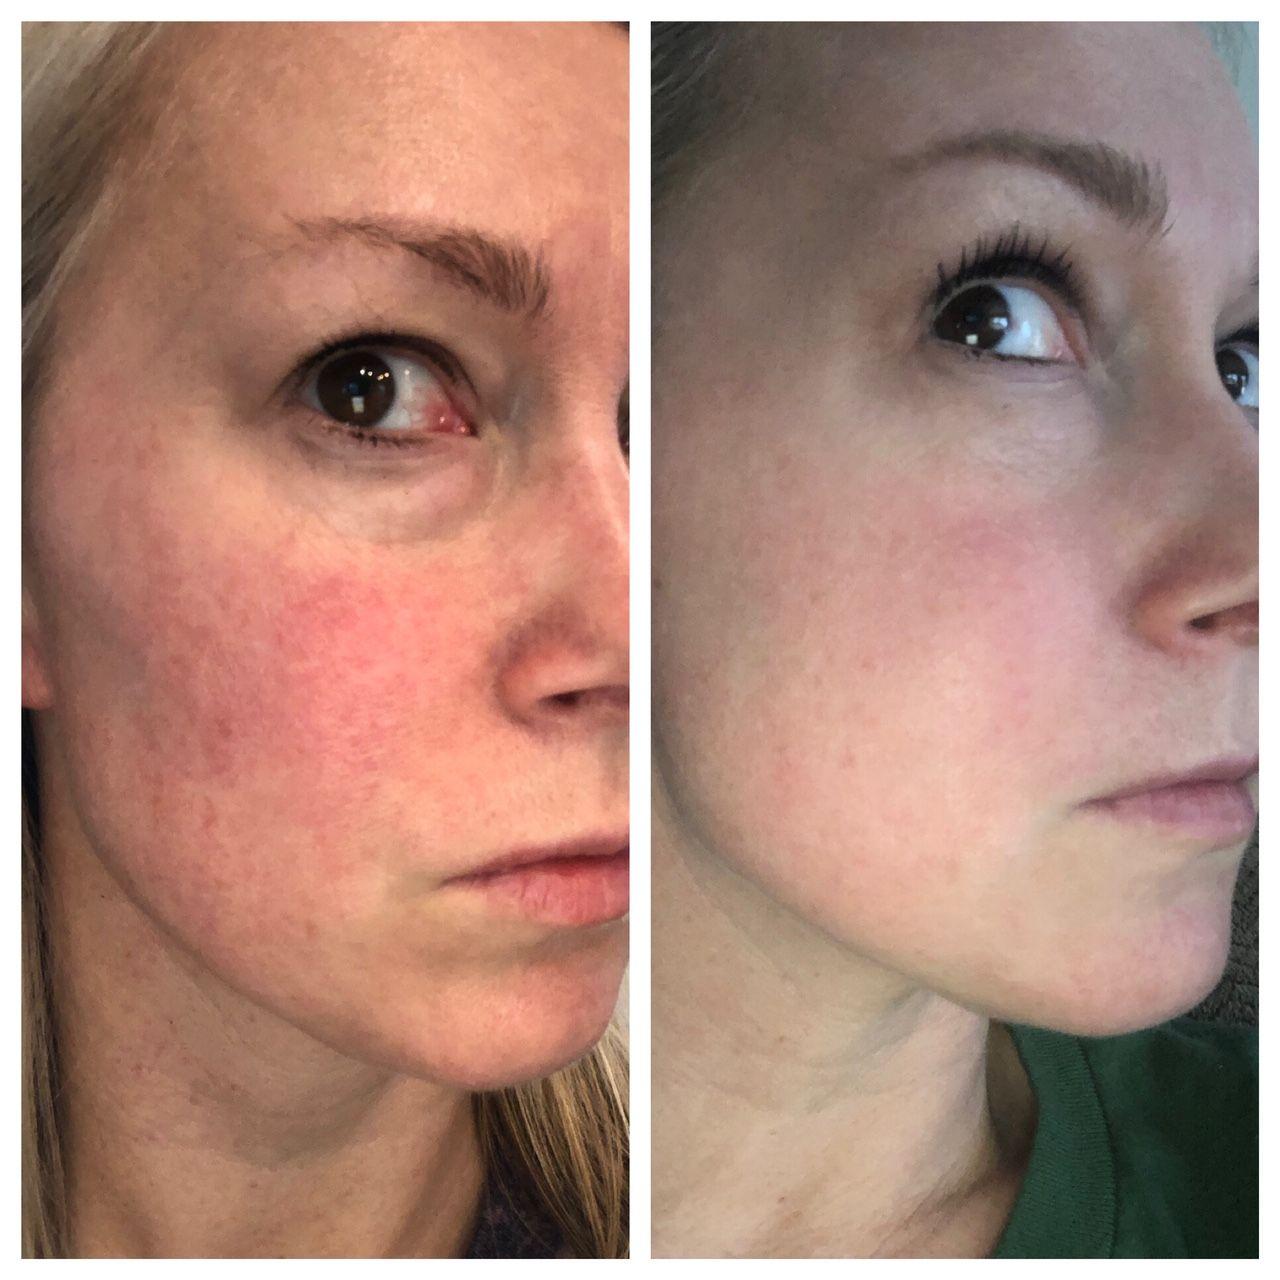 Skincare Skinresults Medicalspa Medspa Antiaging Finelines Hyperpigmentation Ipl Freckles Rosacea Spaatsprin Ipl Laser Hyperpigmentation Medical Spa